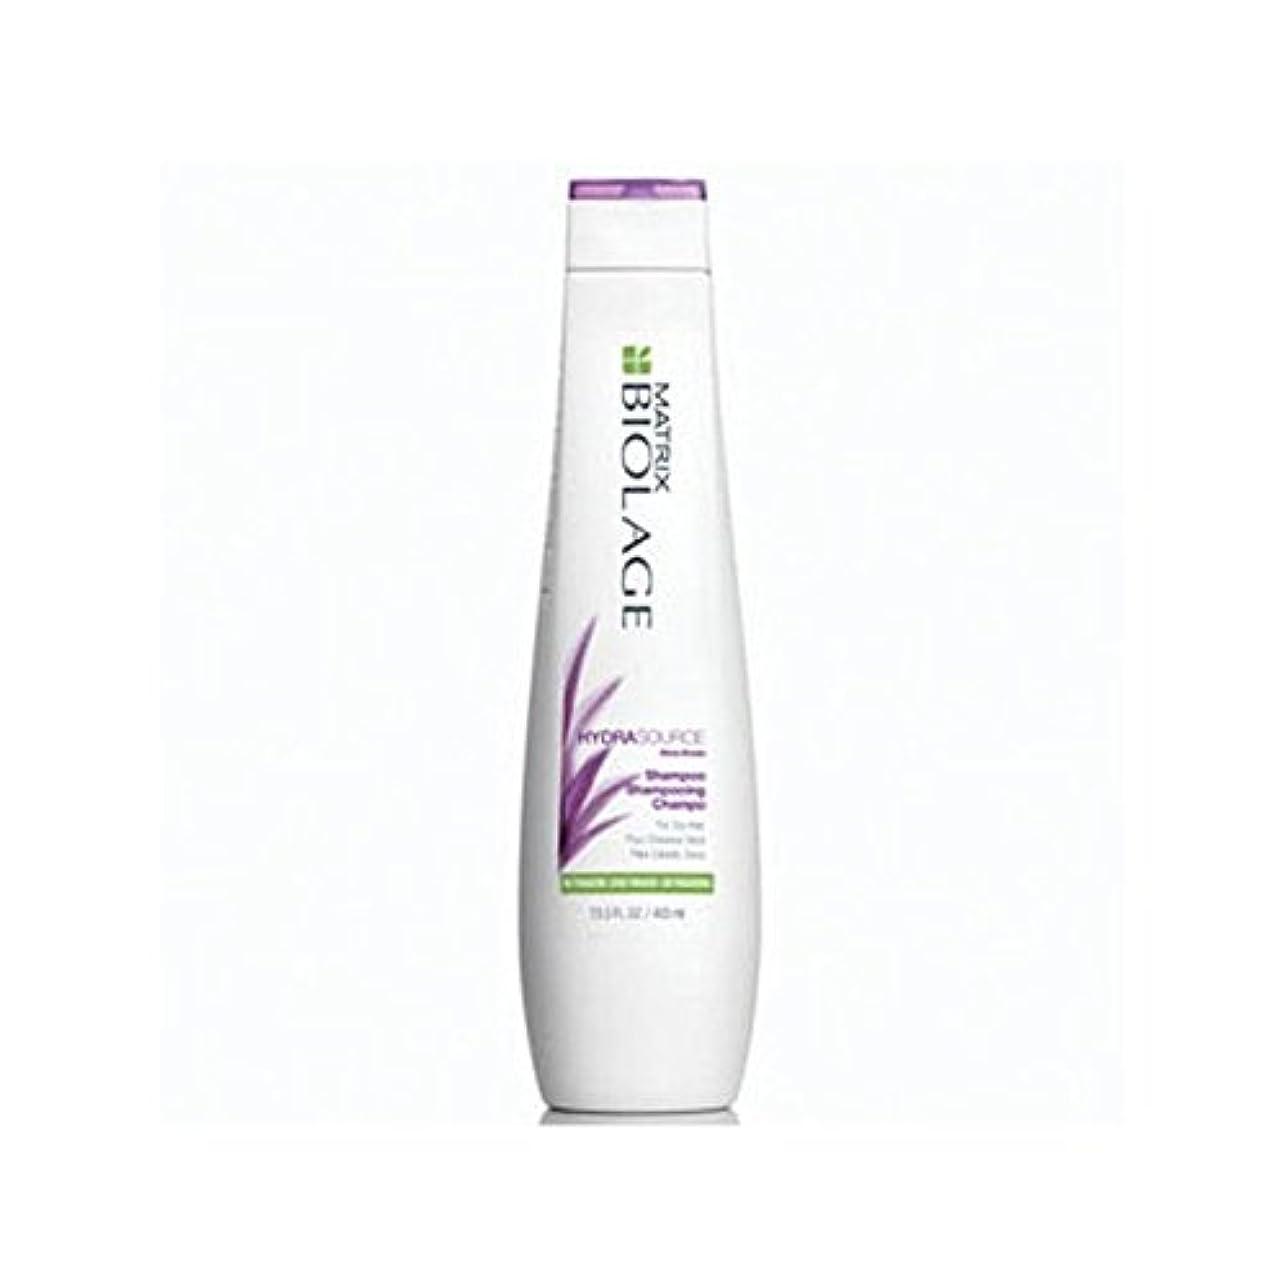 マラウイエトナ山の中でMatrix Biolage Hydrasource Shampoo (400ml) - マトリックスバイオレイジのシャンプー(400ミリリットル) [並行輸入品]